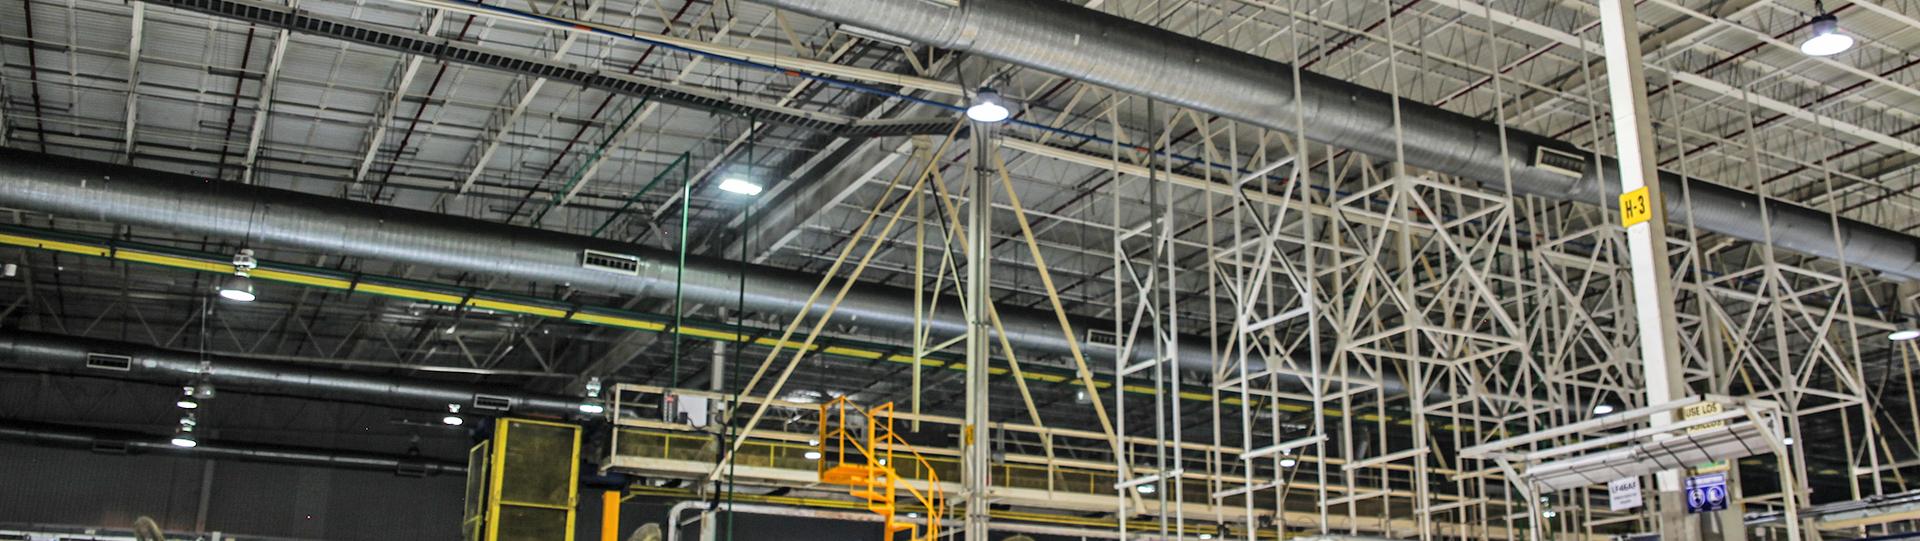 Whirlpool lighting installations